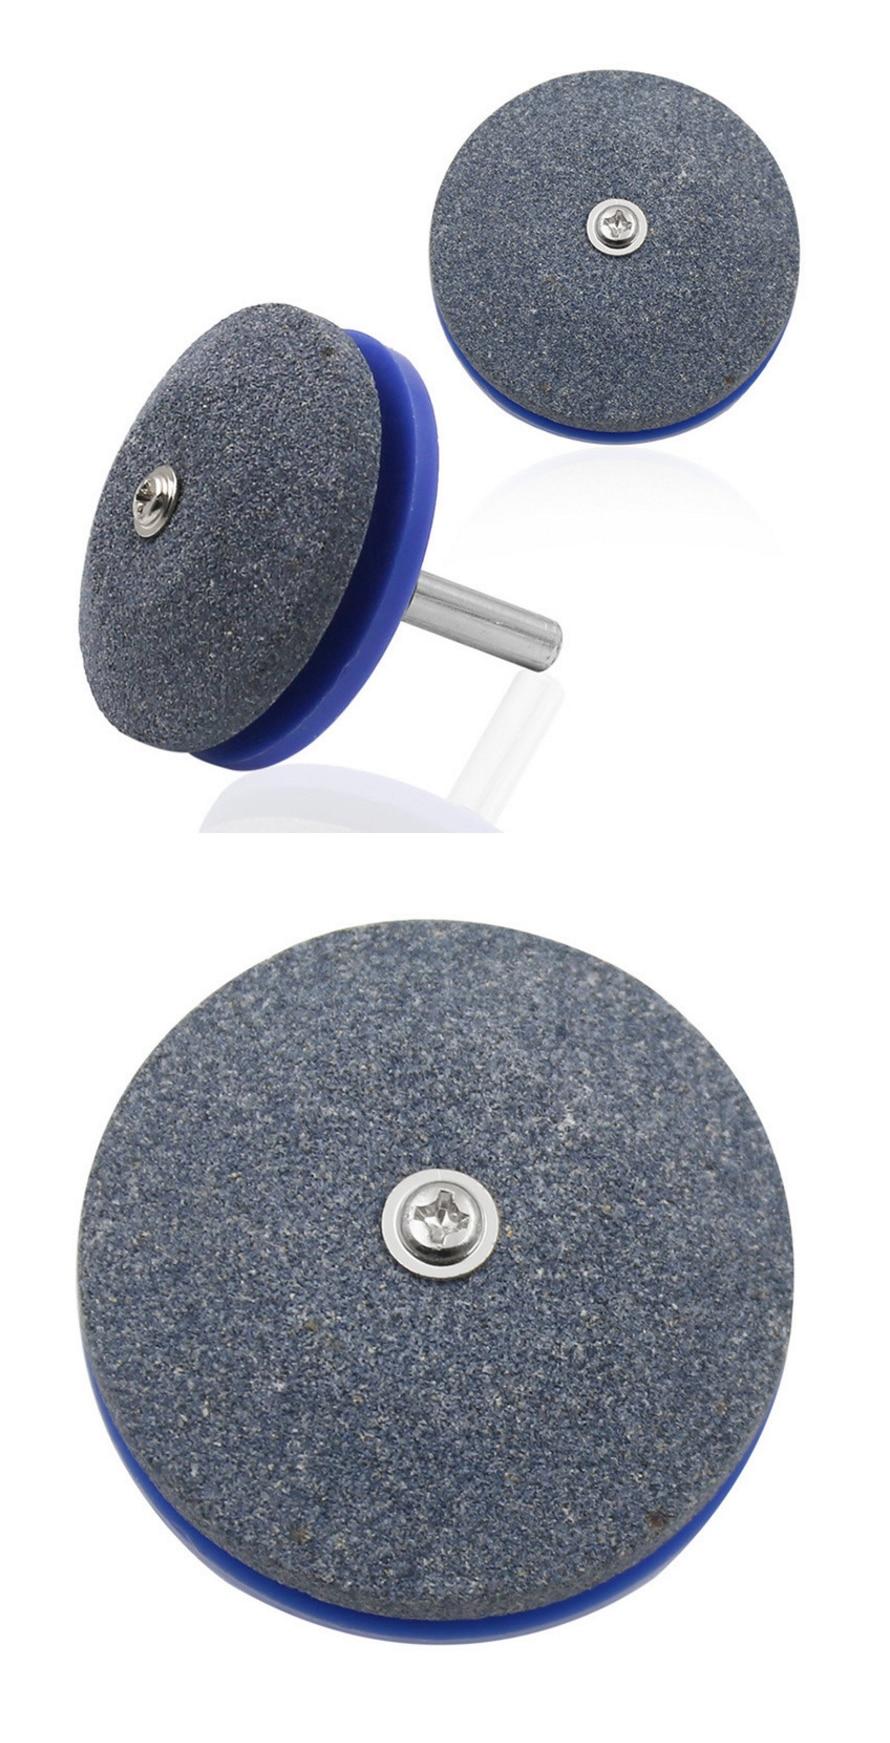 电磨刀器_割草机-耐磨损磨刀器打磨头-磨刀石工业电磨刀器热销款批发---阿里巴巴_05